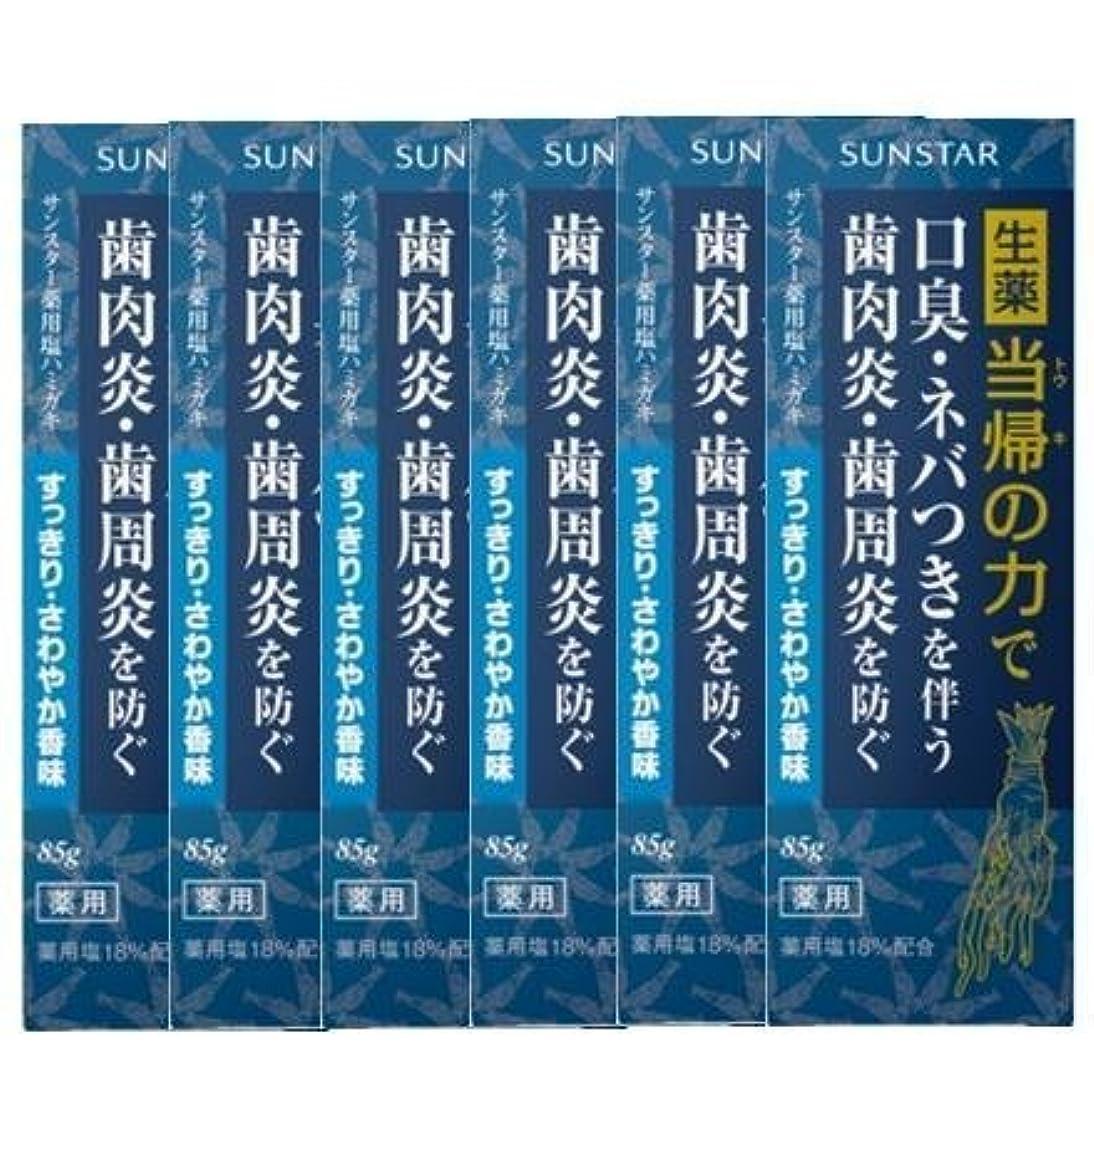 裁定専制クリーク薬用ハミガキ 生薬 当帰の力 さわやか香味85g×6個セット